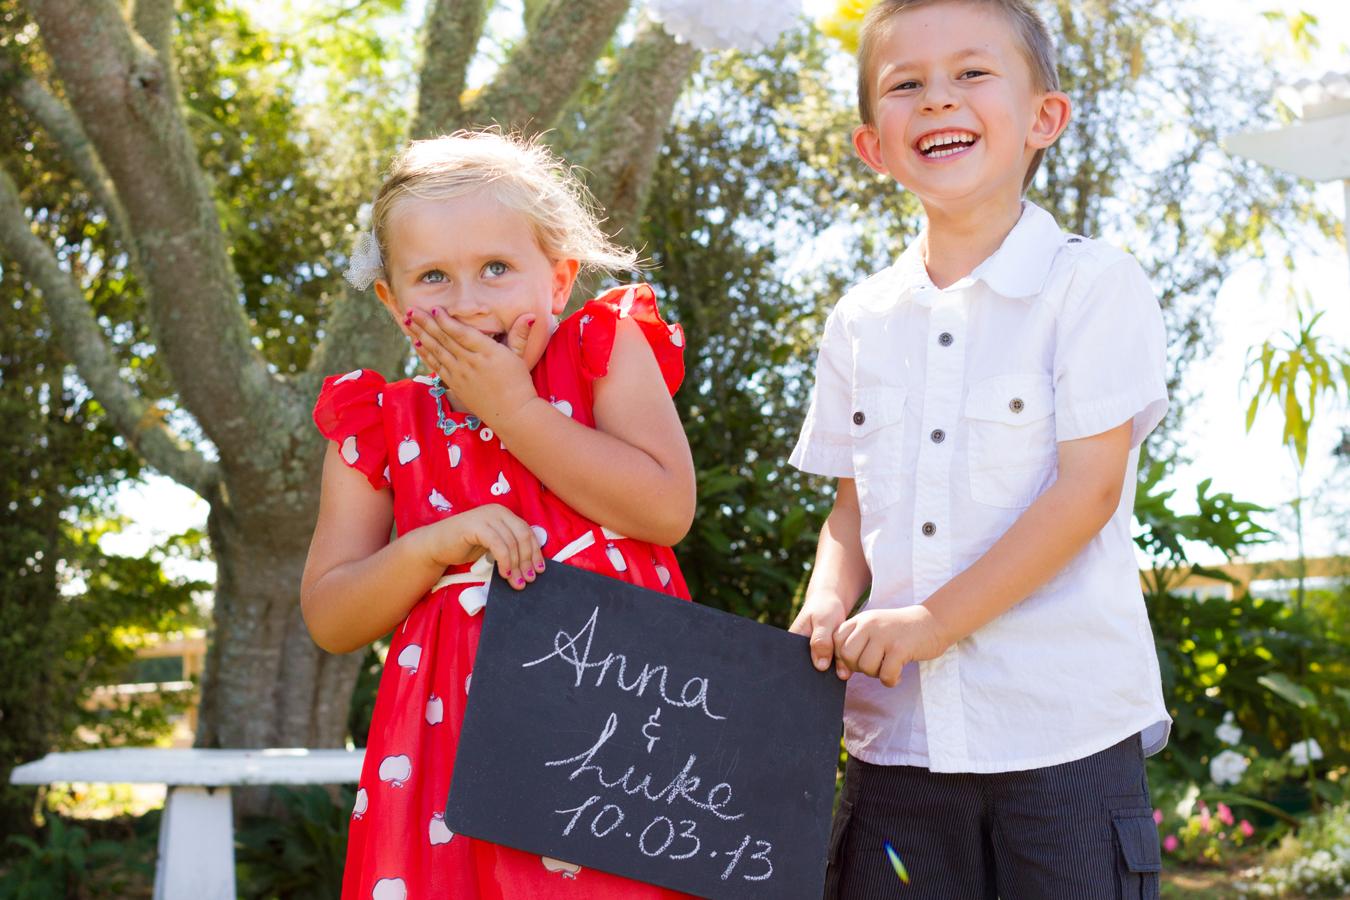 Anna & Luke